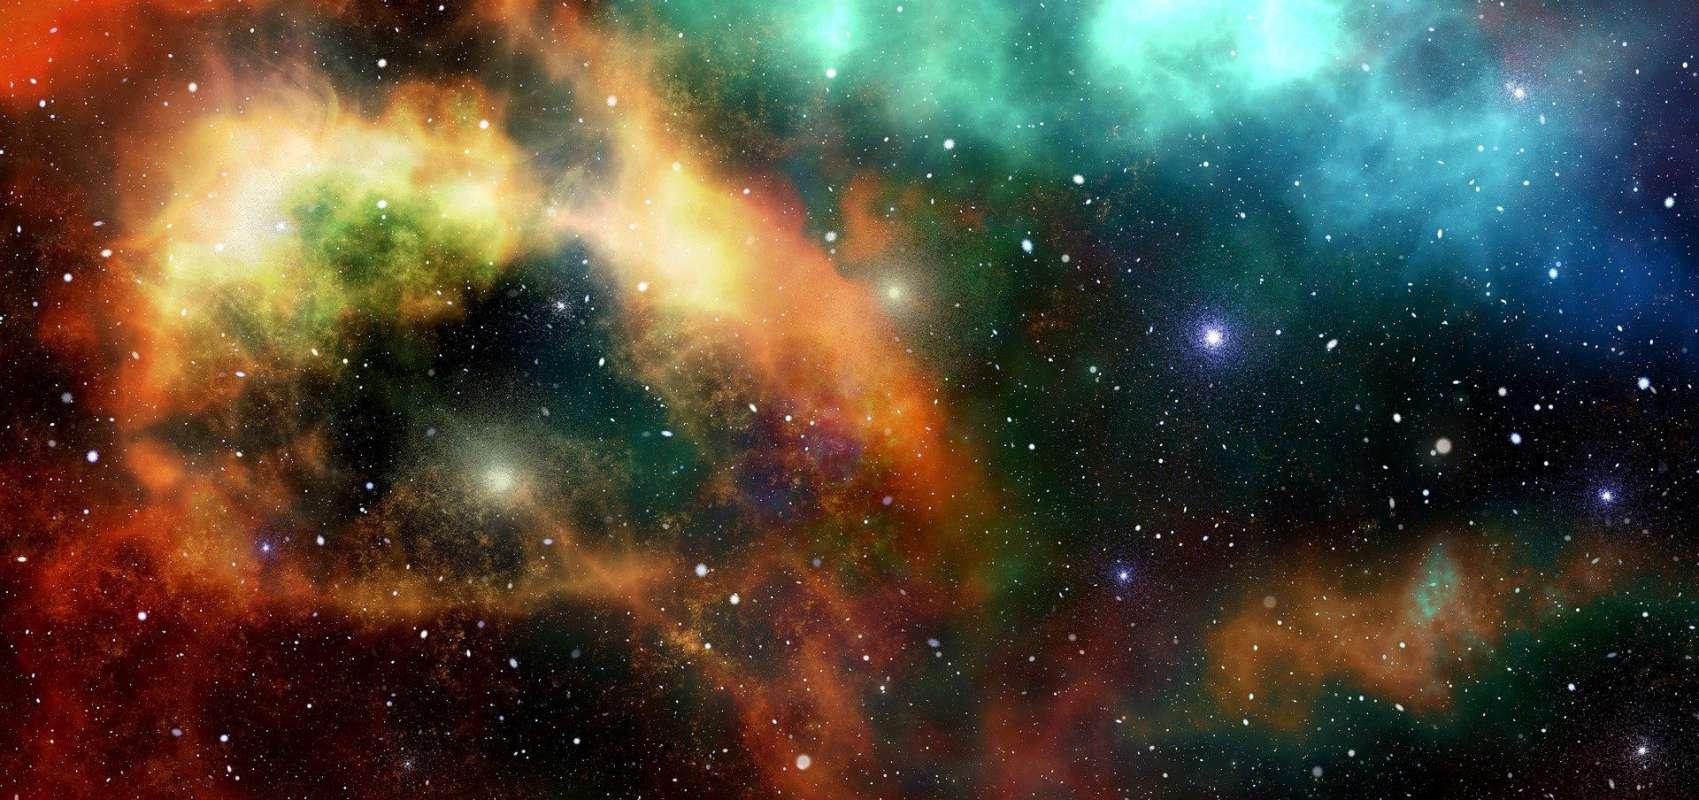 Ученые вычислили «пропавшую половину» Вселенной